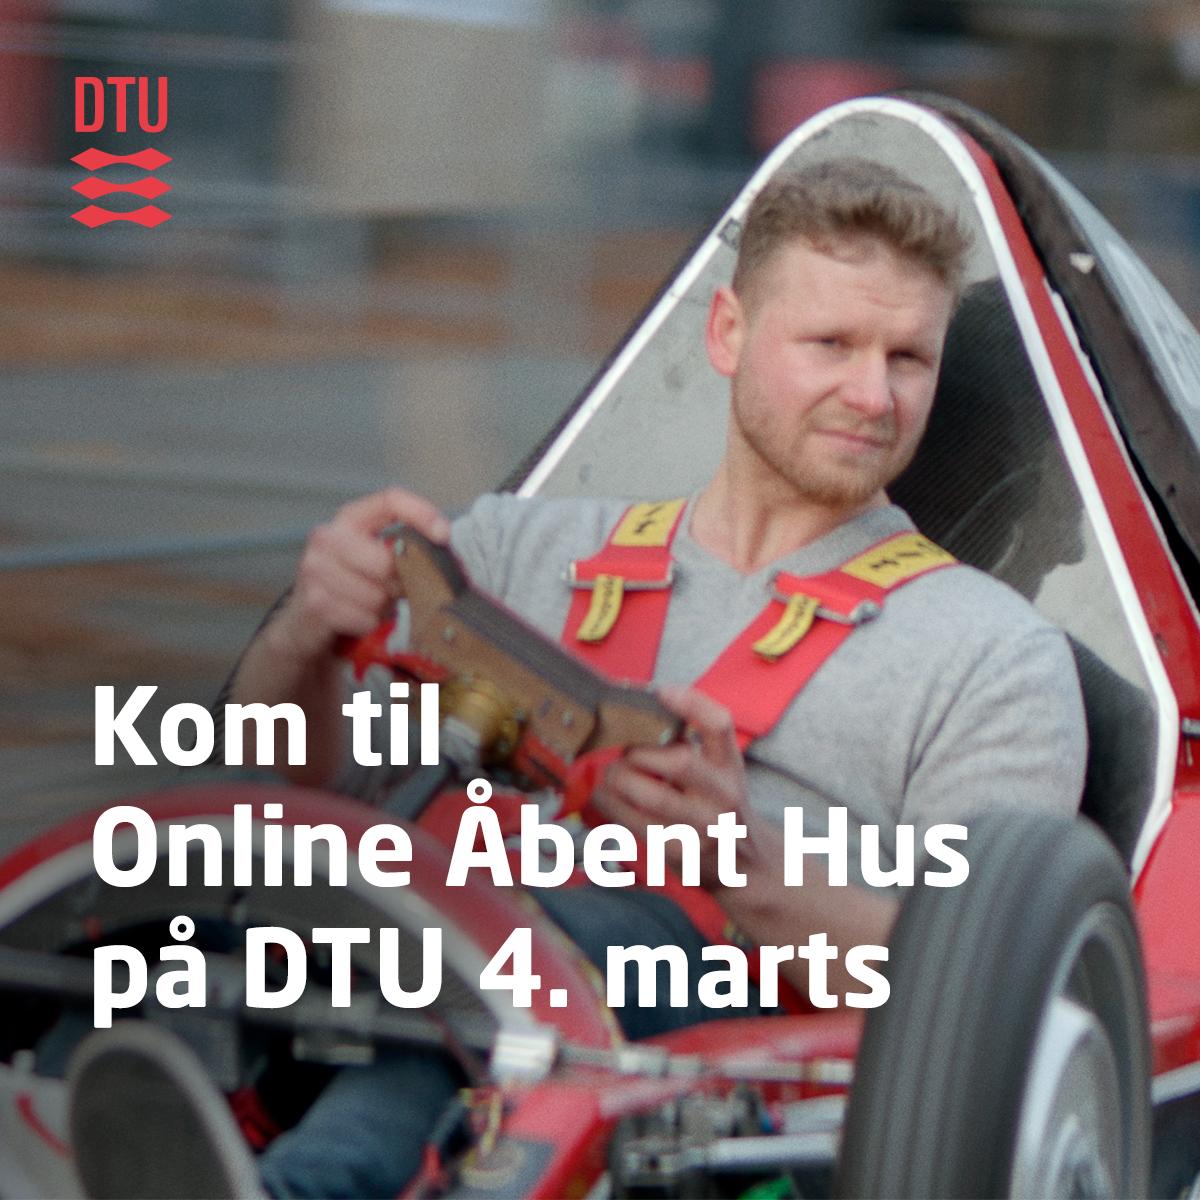 Online Åbent Hus på DTU 4. marts kl. 08.30-20.00